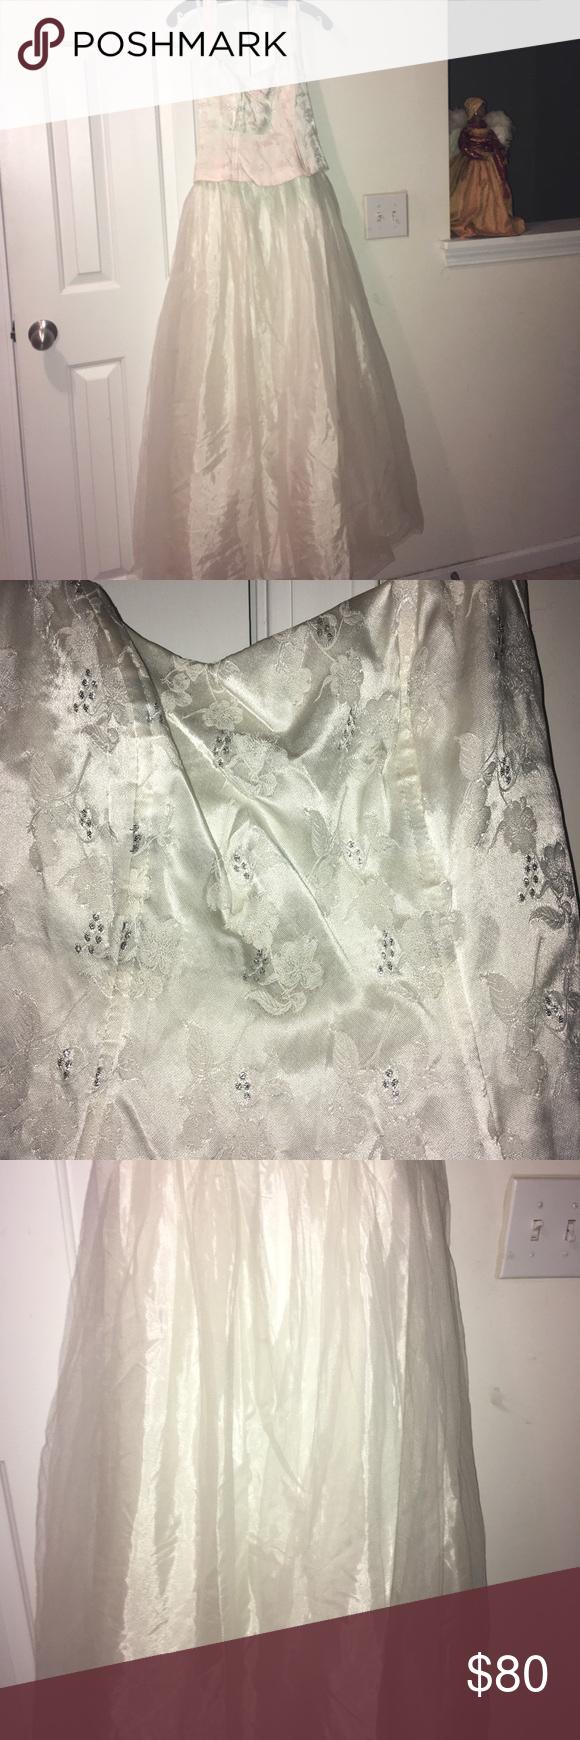 Prom dress white and silver full length halter top mesh bottom